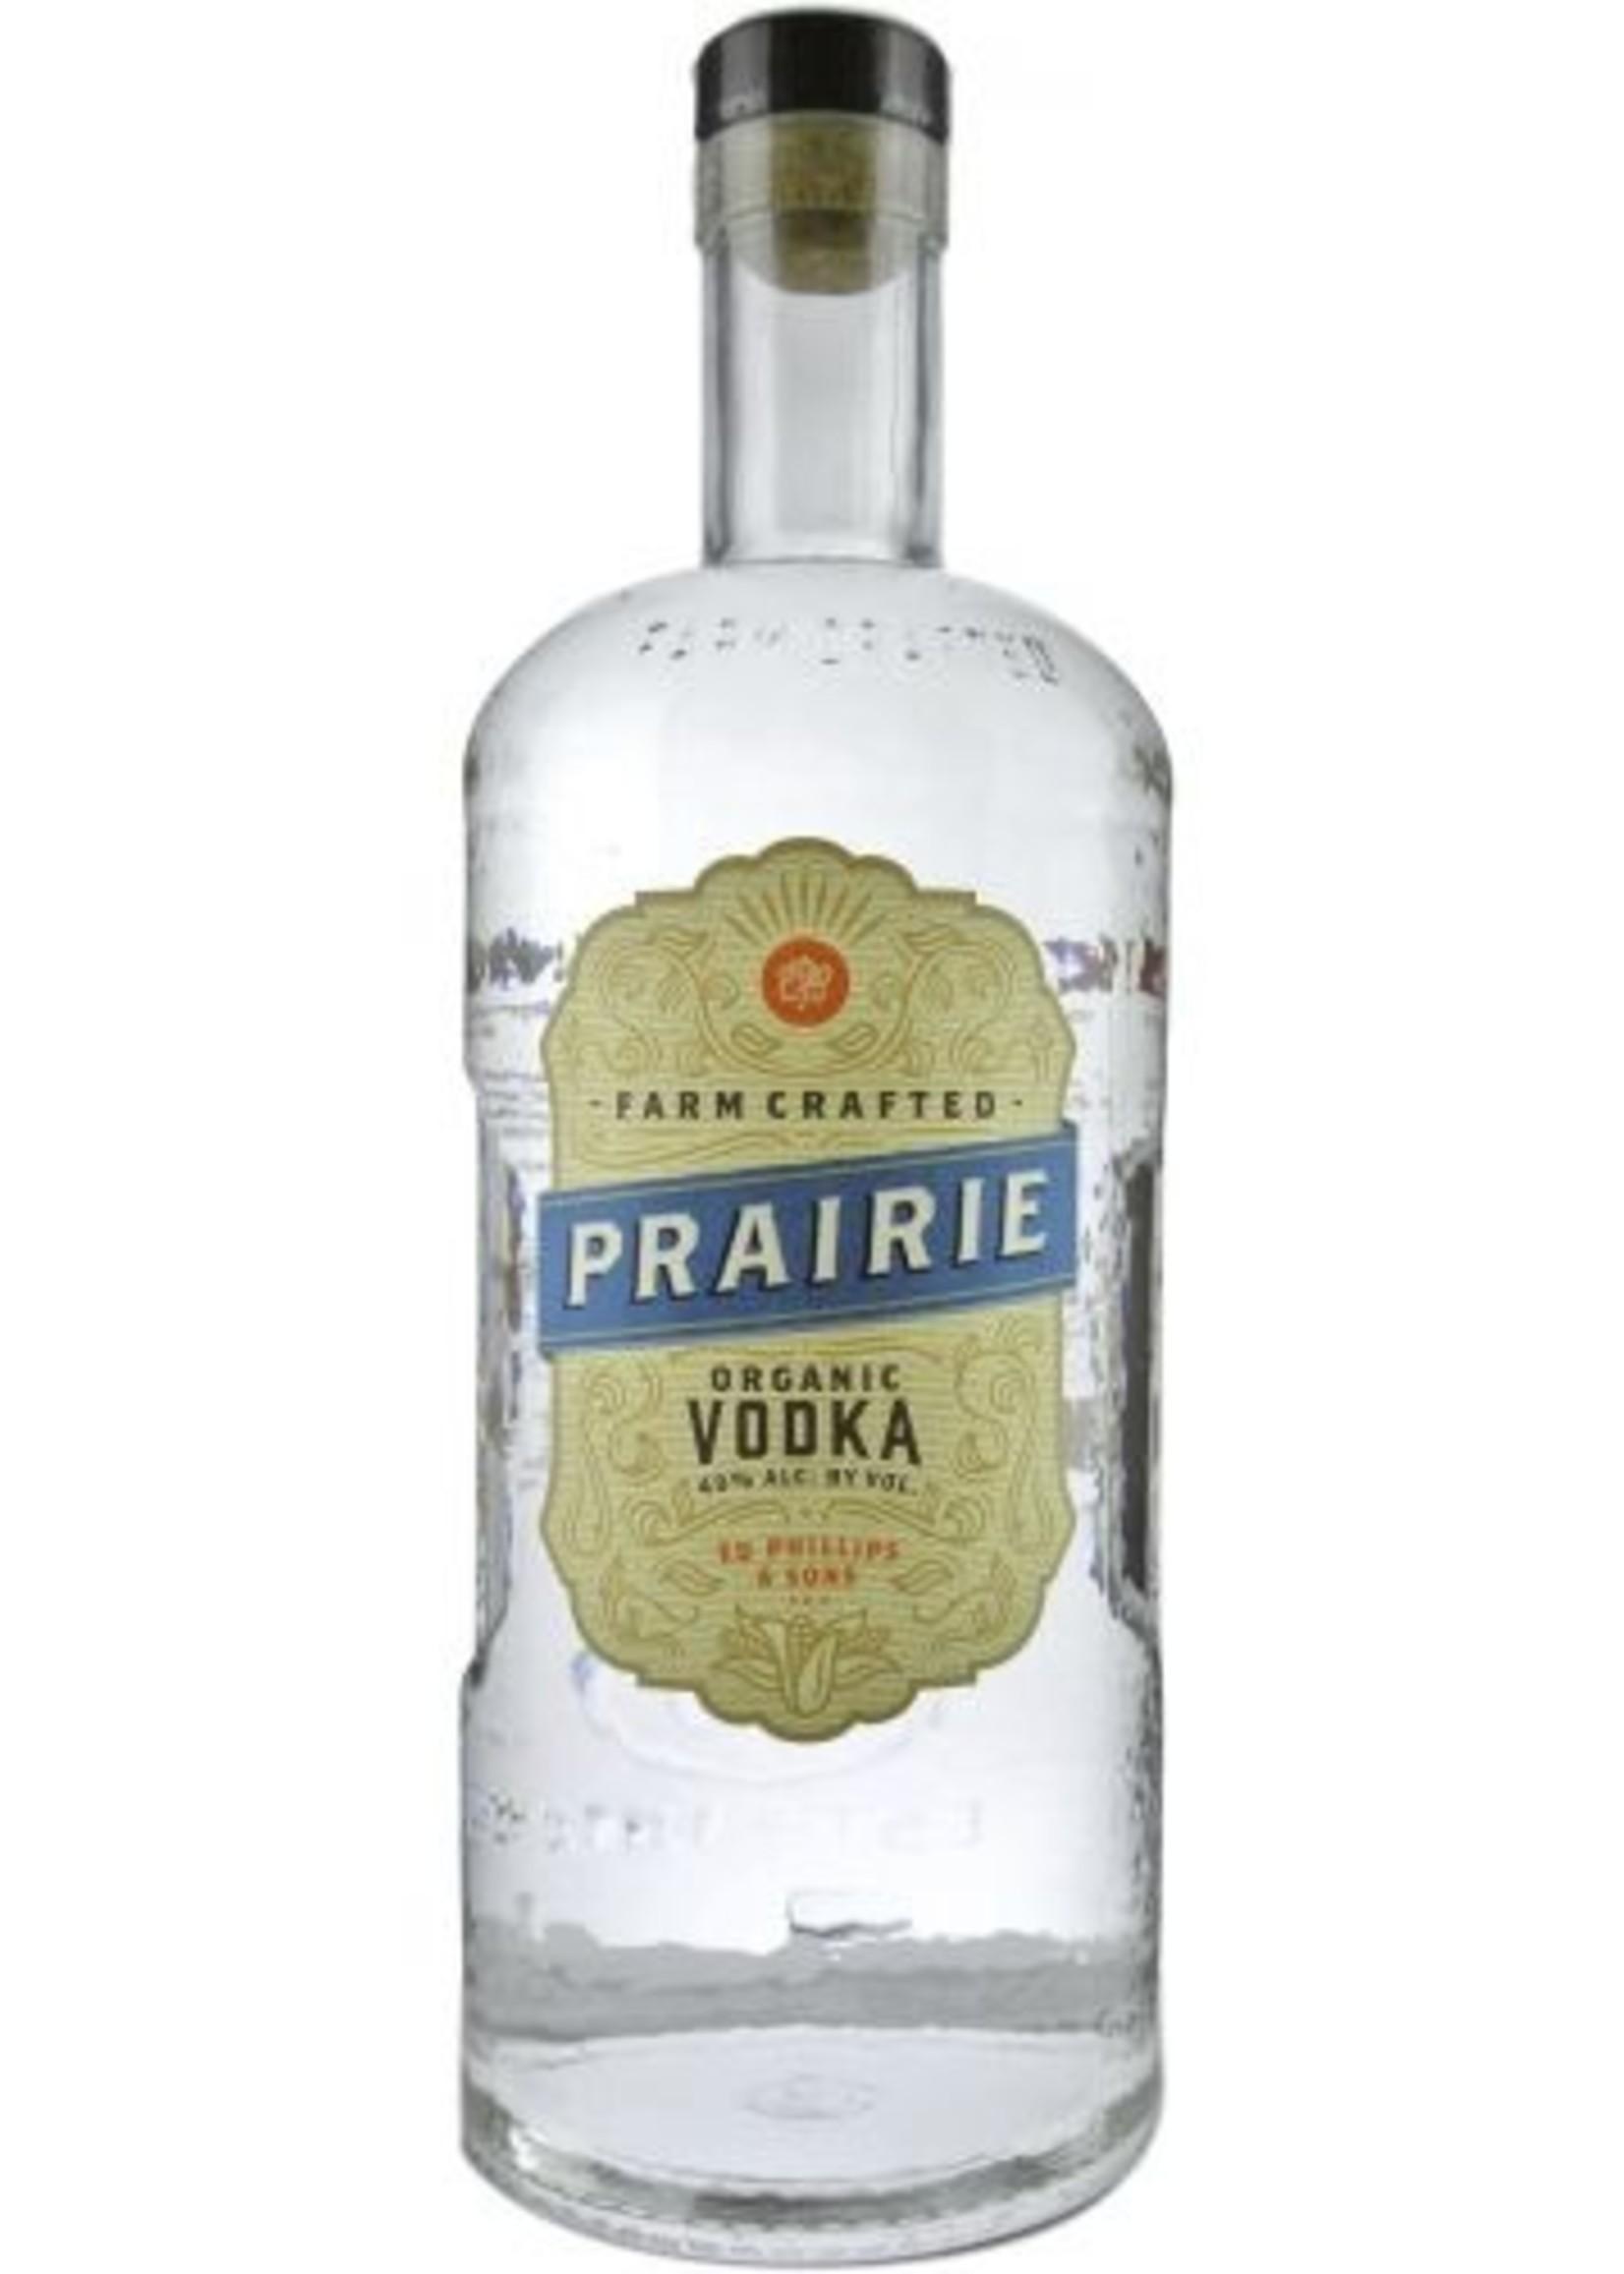 Prairie Organic Vodka LTR